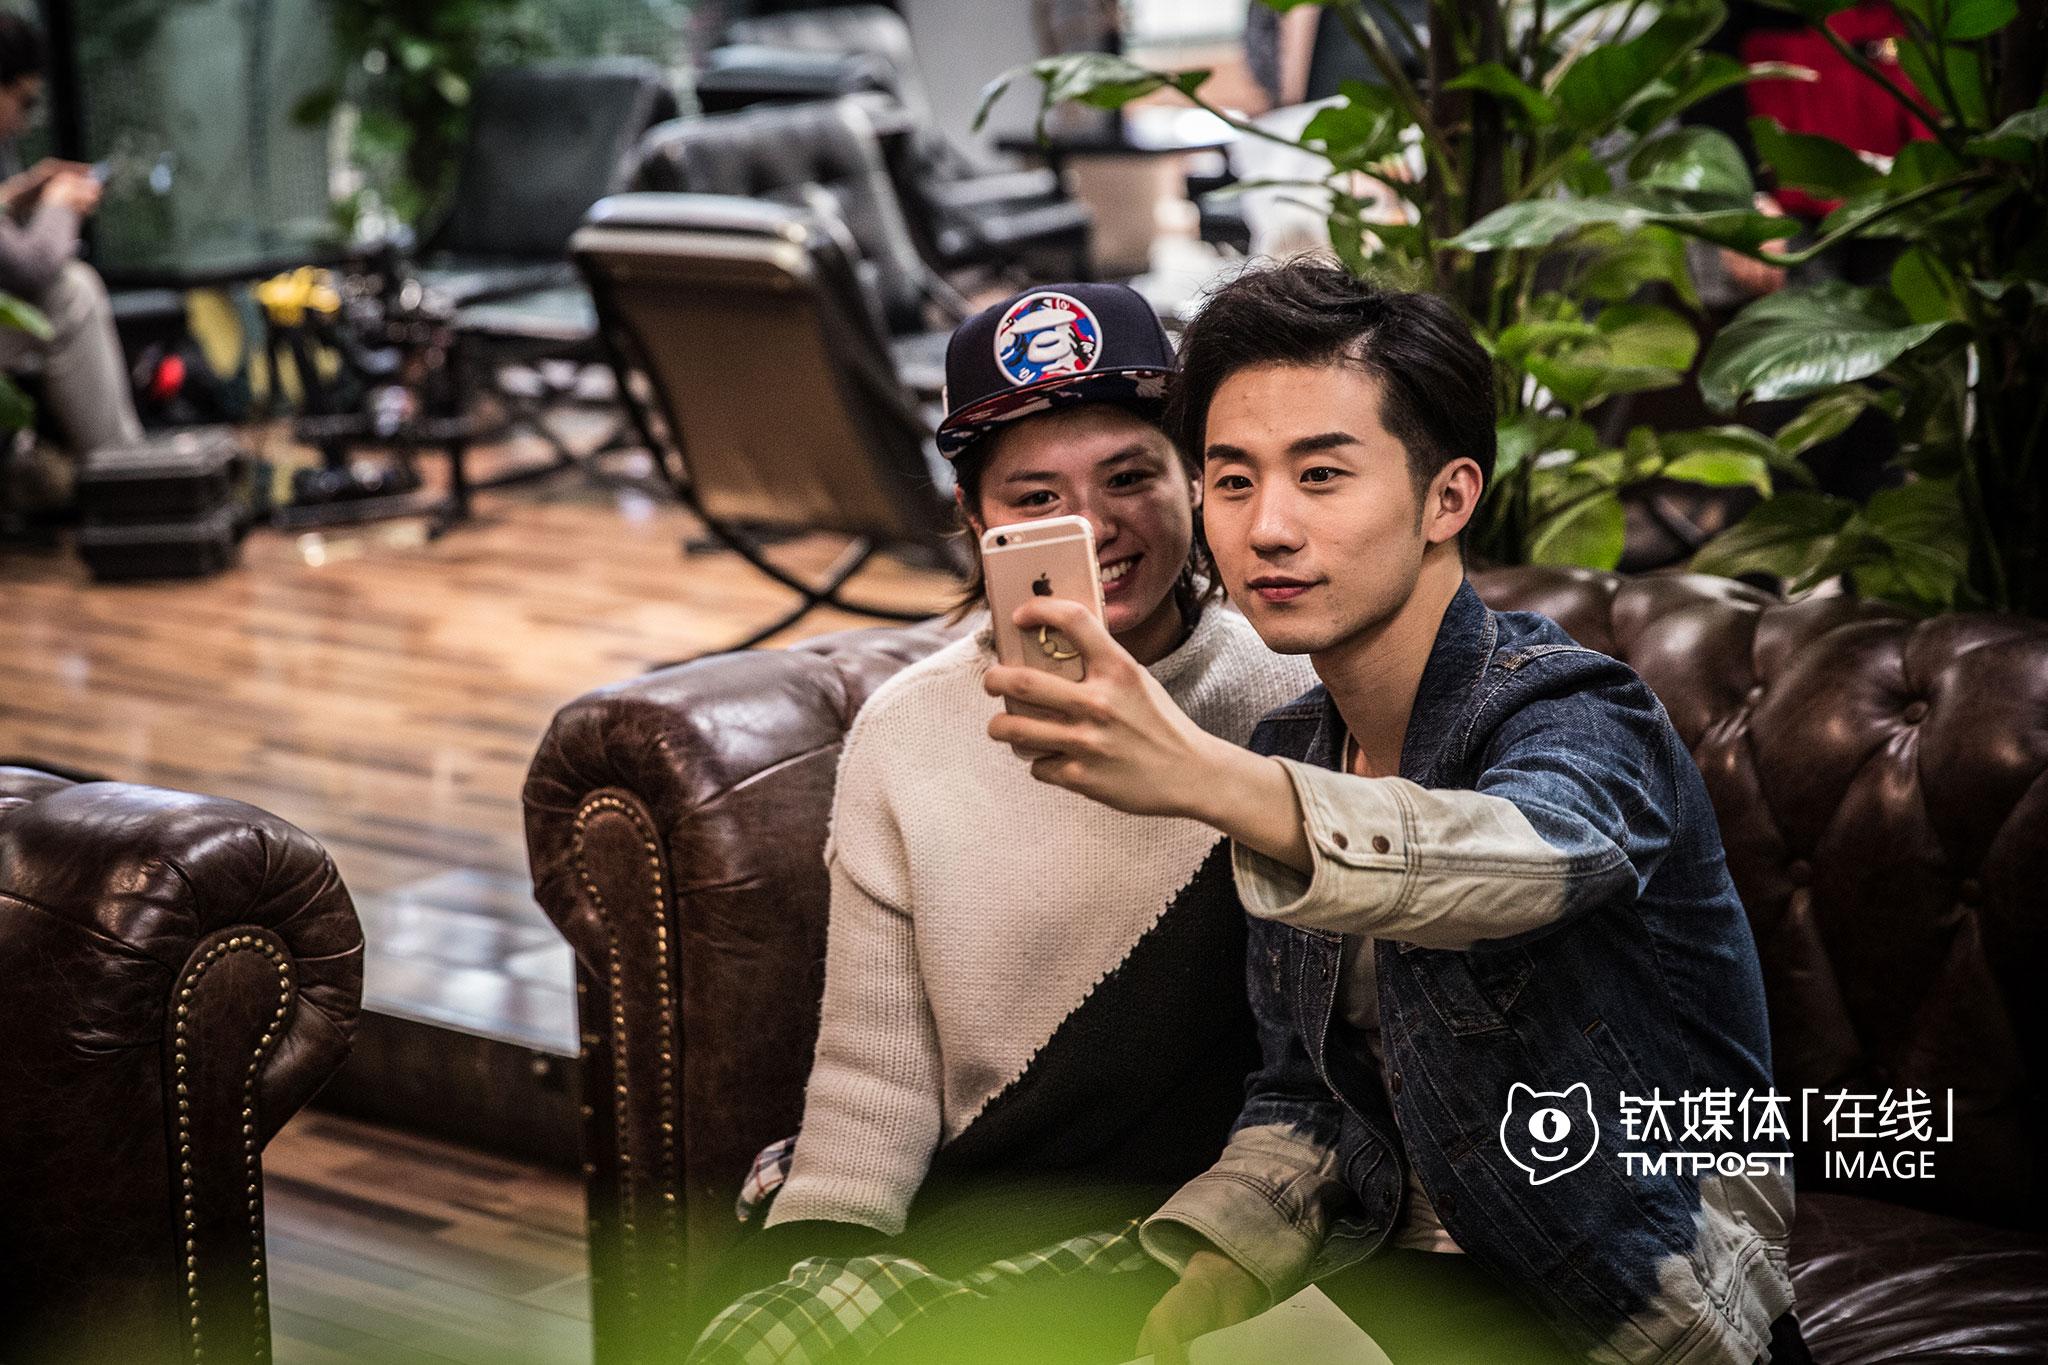 剧组化妆师是刘循子墨的粉丝。万合天宜是不少年轻人向往的工作地,初到公司的人,第一件事,大约都是在寻找那些在剧中看过的熟悉的面孔。